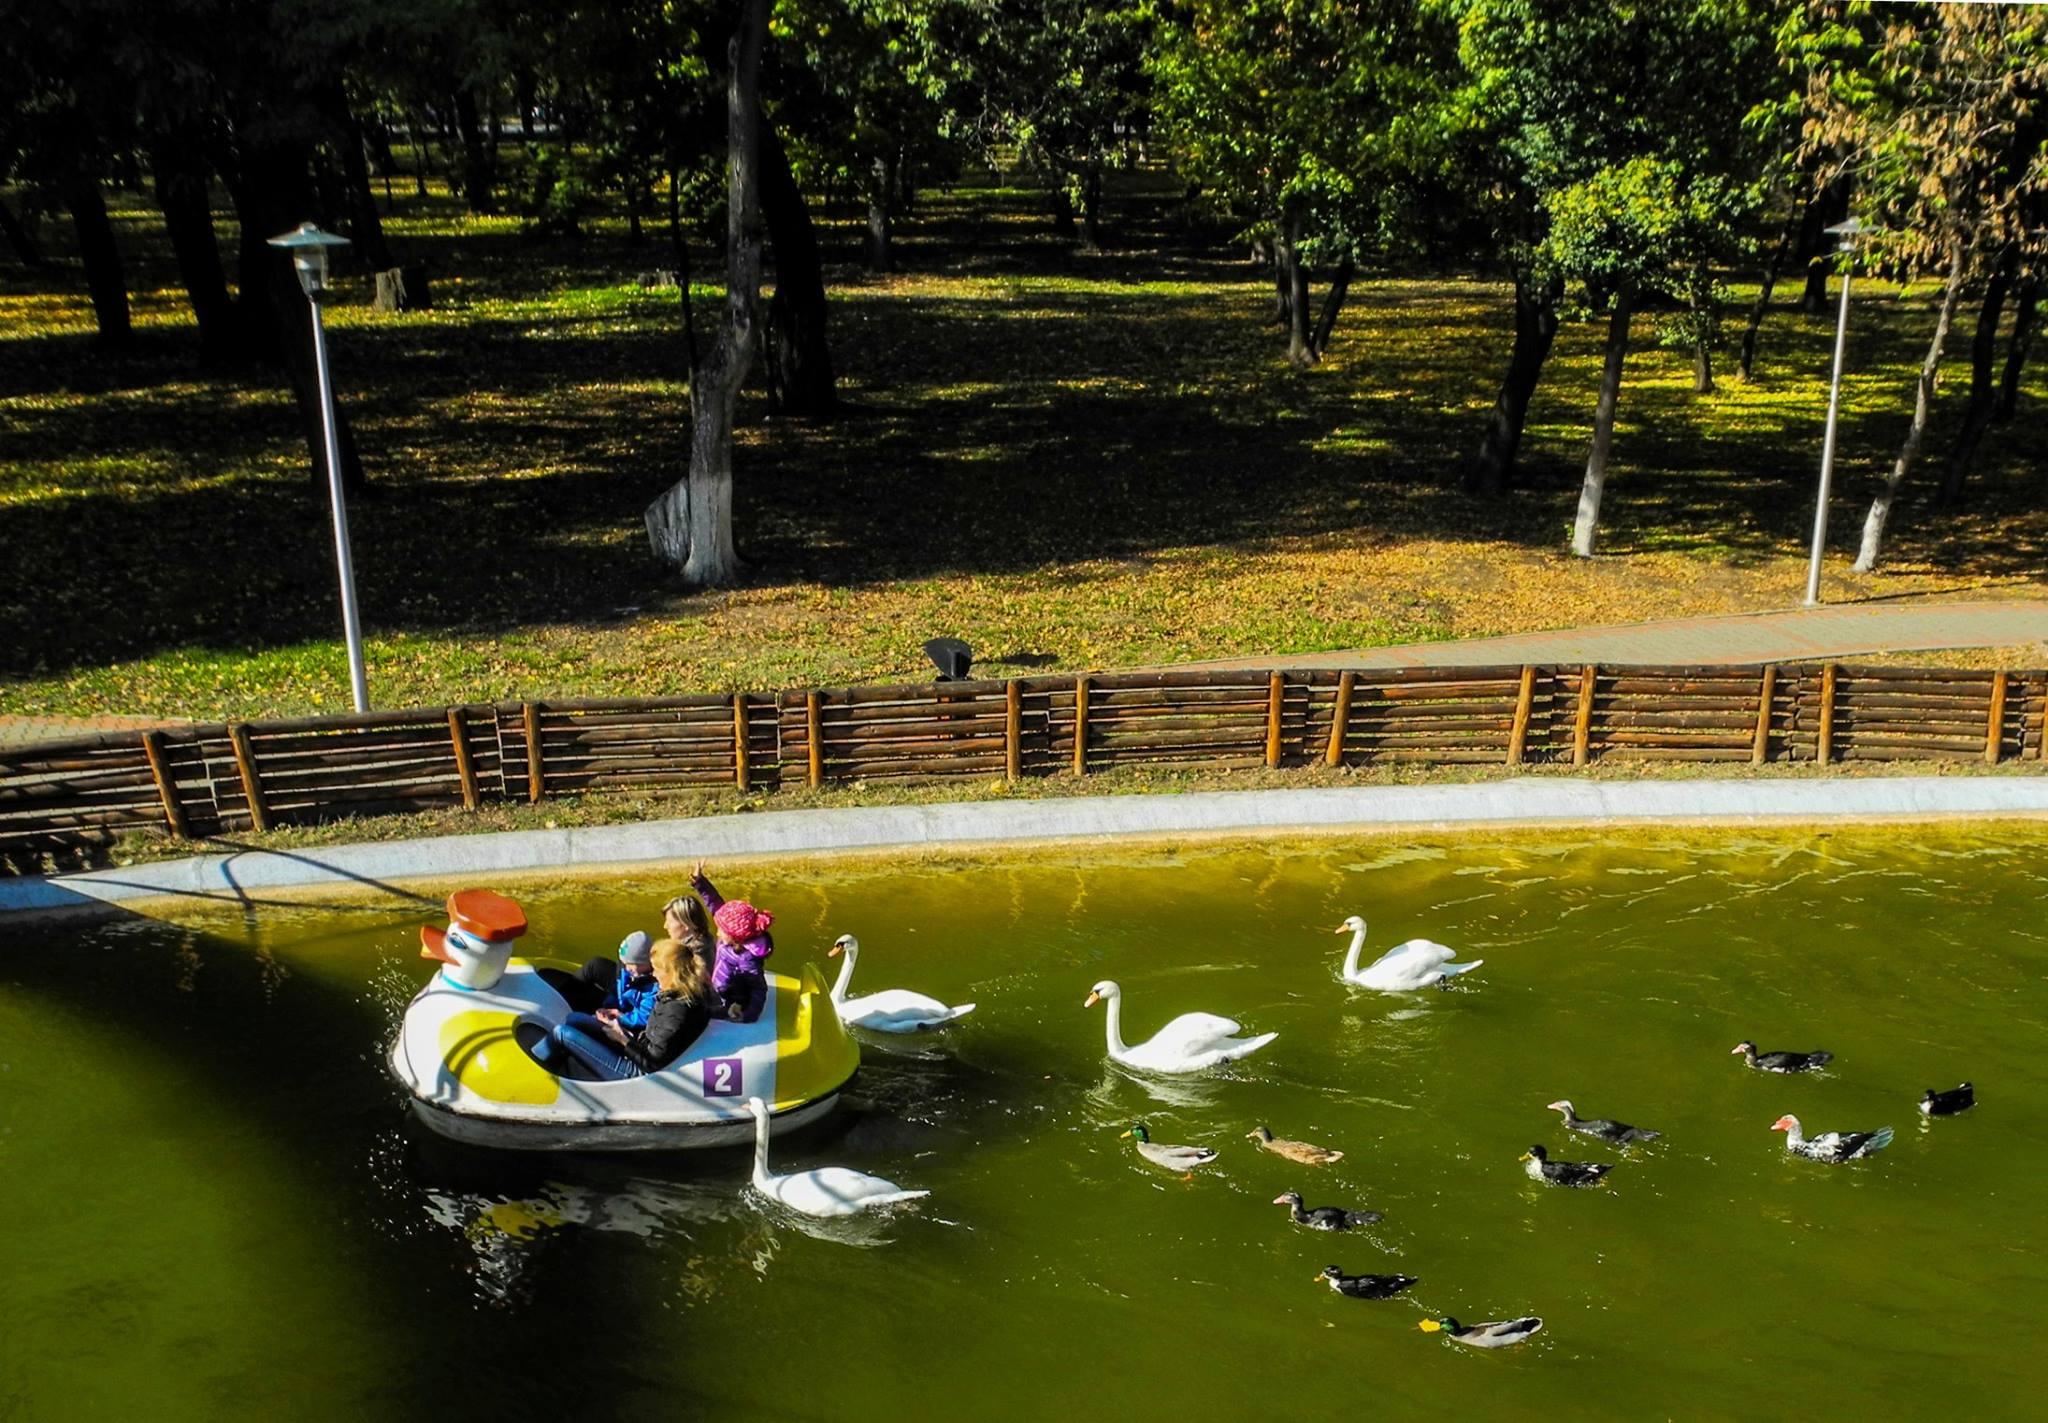 De 1 Mai, 1.200 de romașcani s-au plimbat cu barca pe lacul din parc